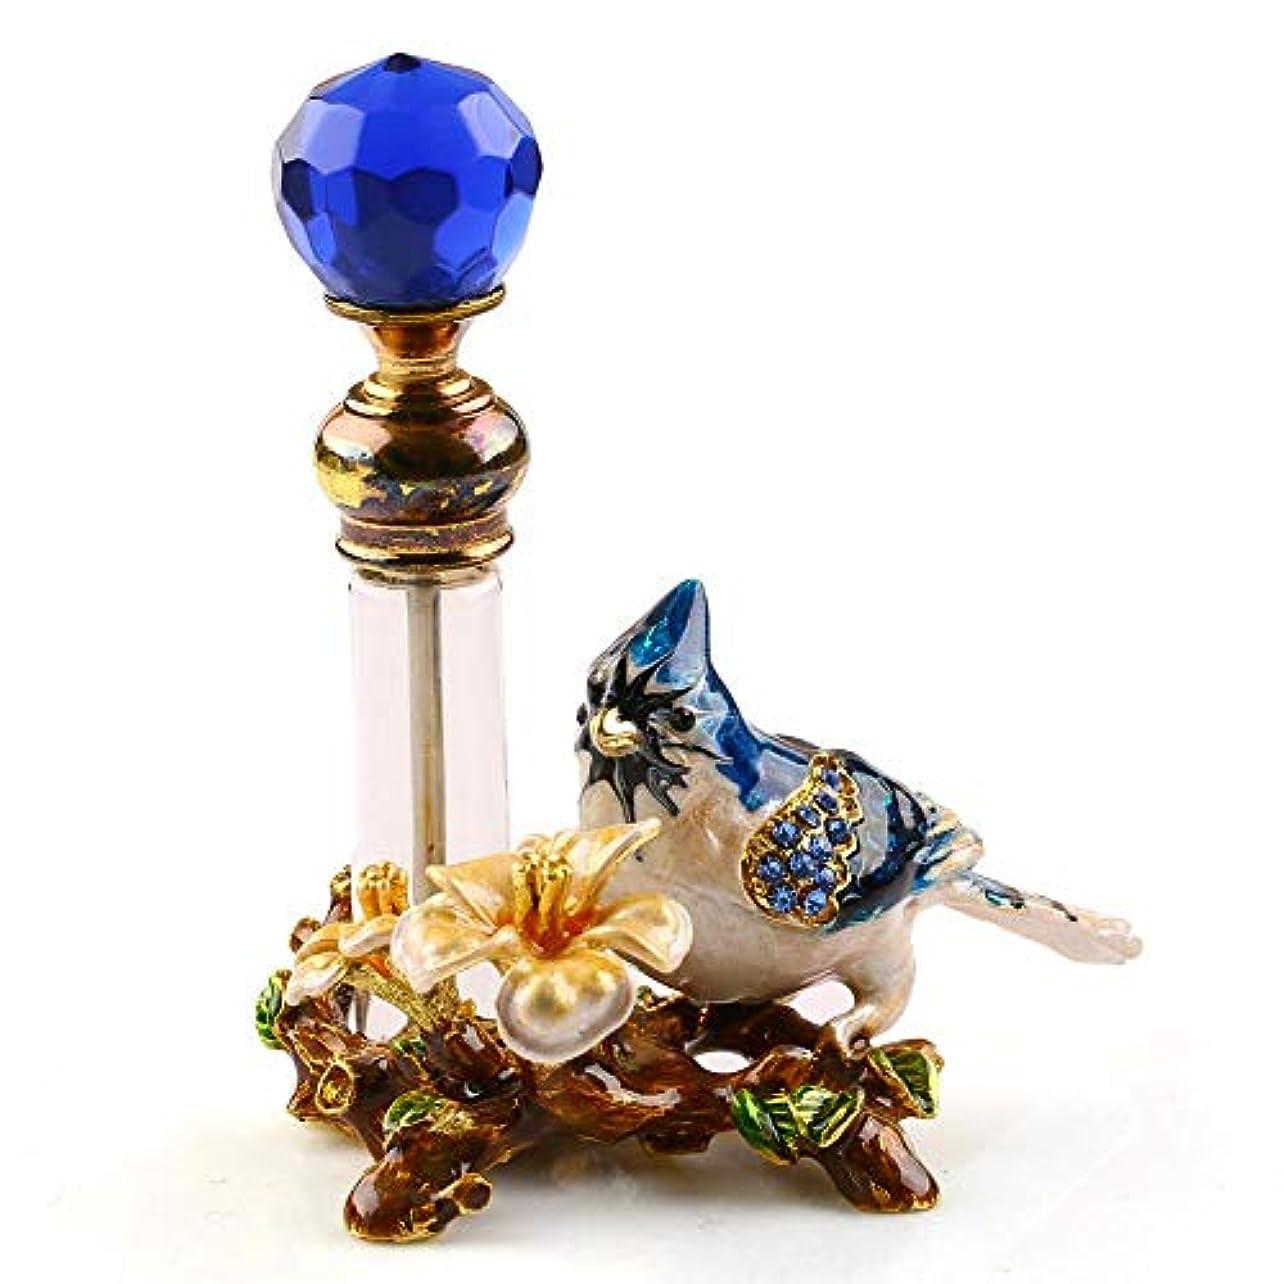 楽な生き物ほとんどないVERY100 高品質 美しい香水瓶 4ML アロマボトル 綺麗アンティーク風 鳥と花 詰替用ボトル 空き プレゼント 結婚式 飾り